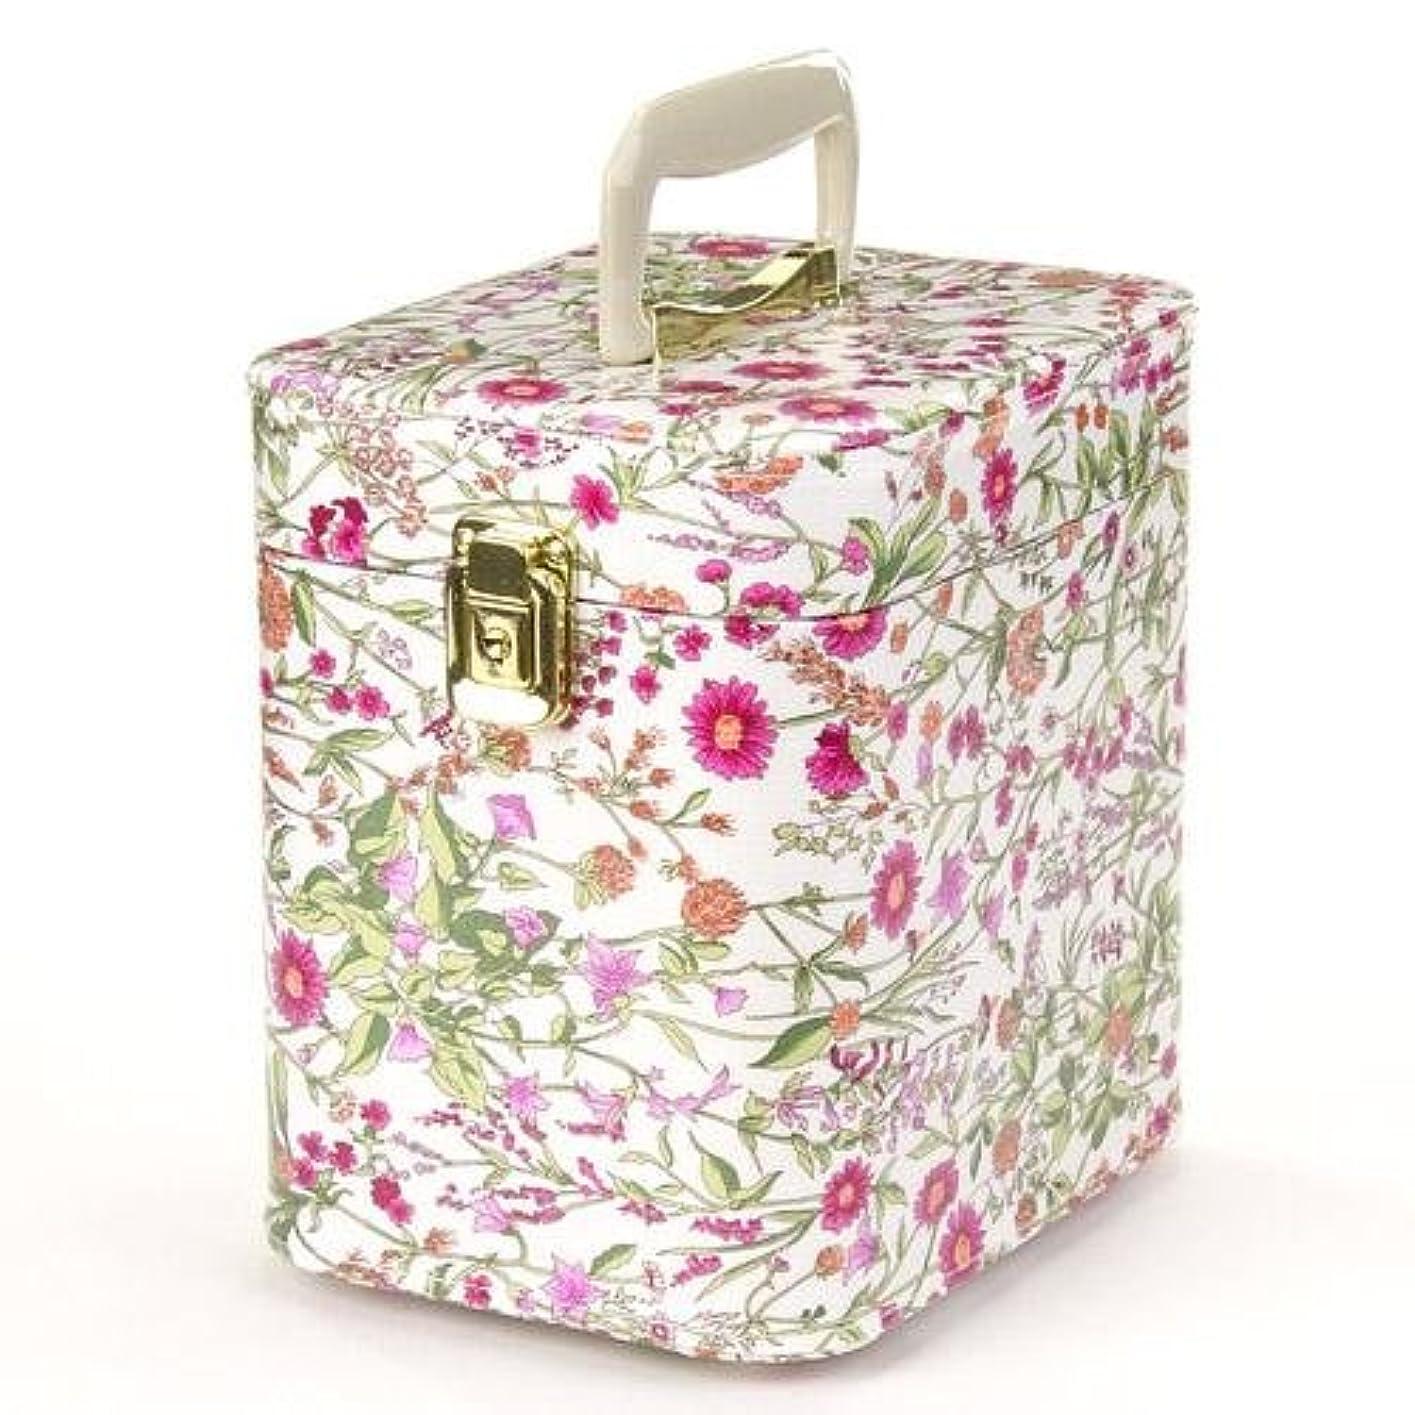 ロック解除引き金エキス日本製 メイクボックス トレンケース ハーブガーデン 7寸 ピンク  (鍵付き/コスメボックス)